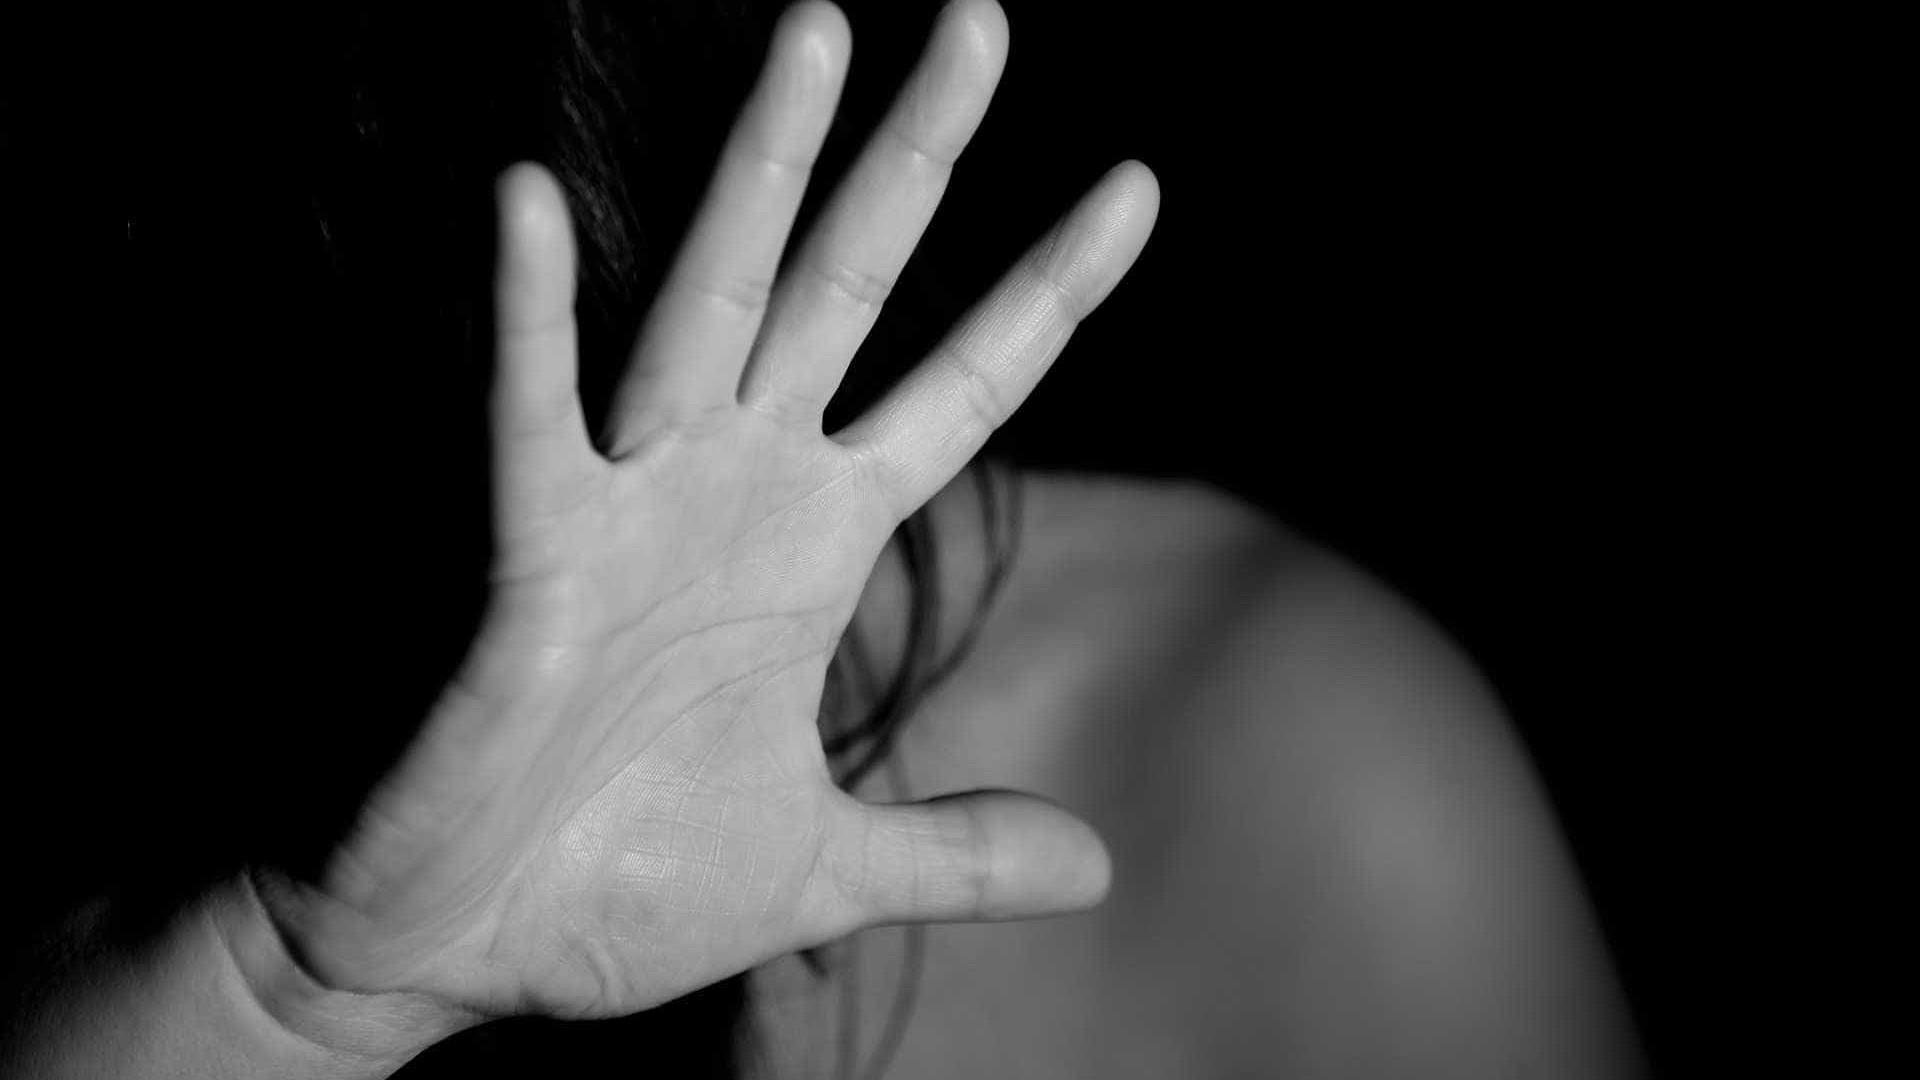 Polícia do Paraná apura se denúncia de estupro teve motivação política